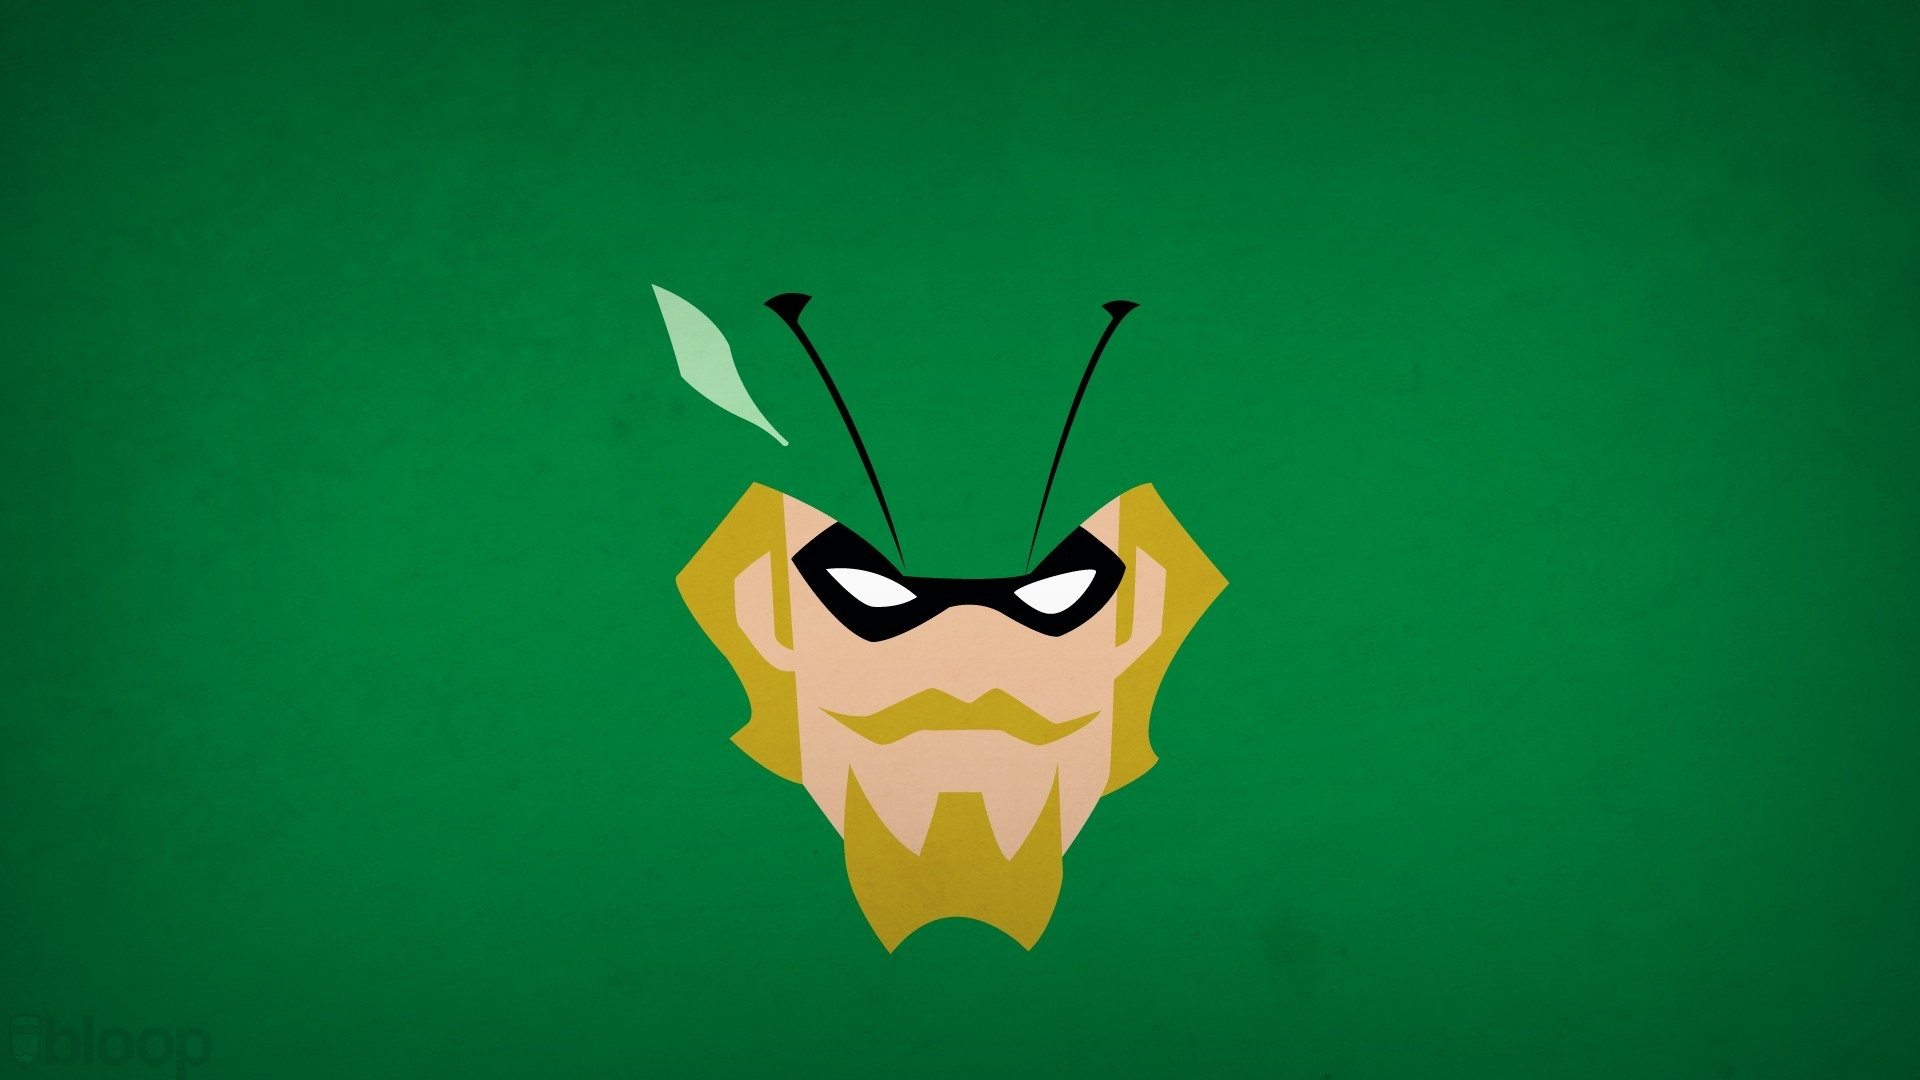 Green Arrow Minimalism Wallpaper Hd Minimalist 4k